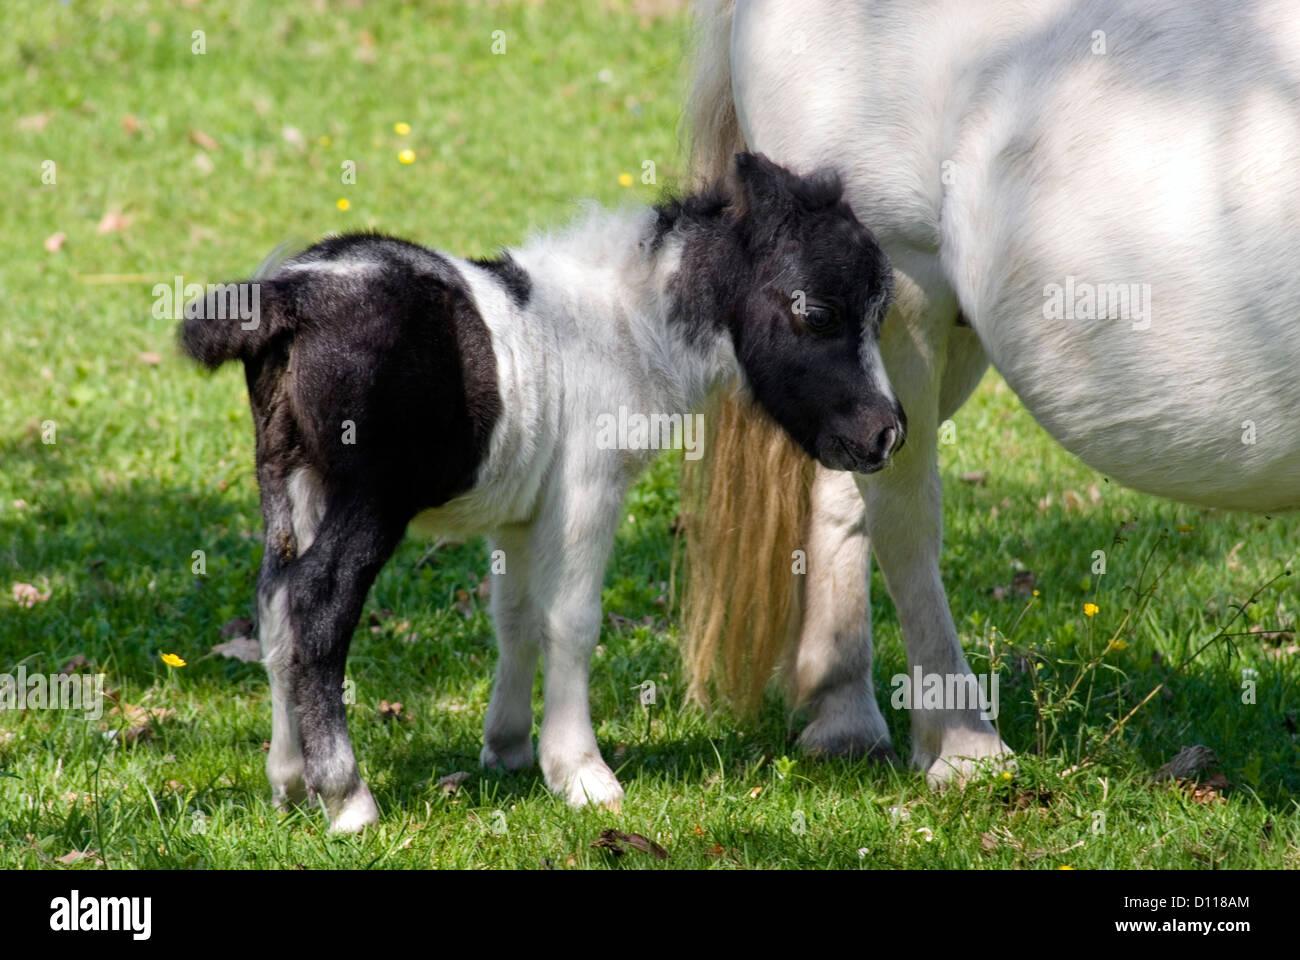 Weiße Mini Pferd Fohlen stehen auf Wiese | Miniaturpferd-Fohlen Auf Einer Weide Stockbild